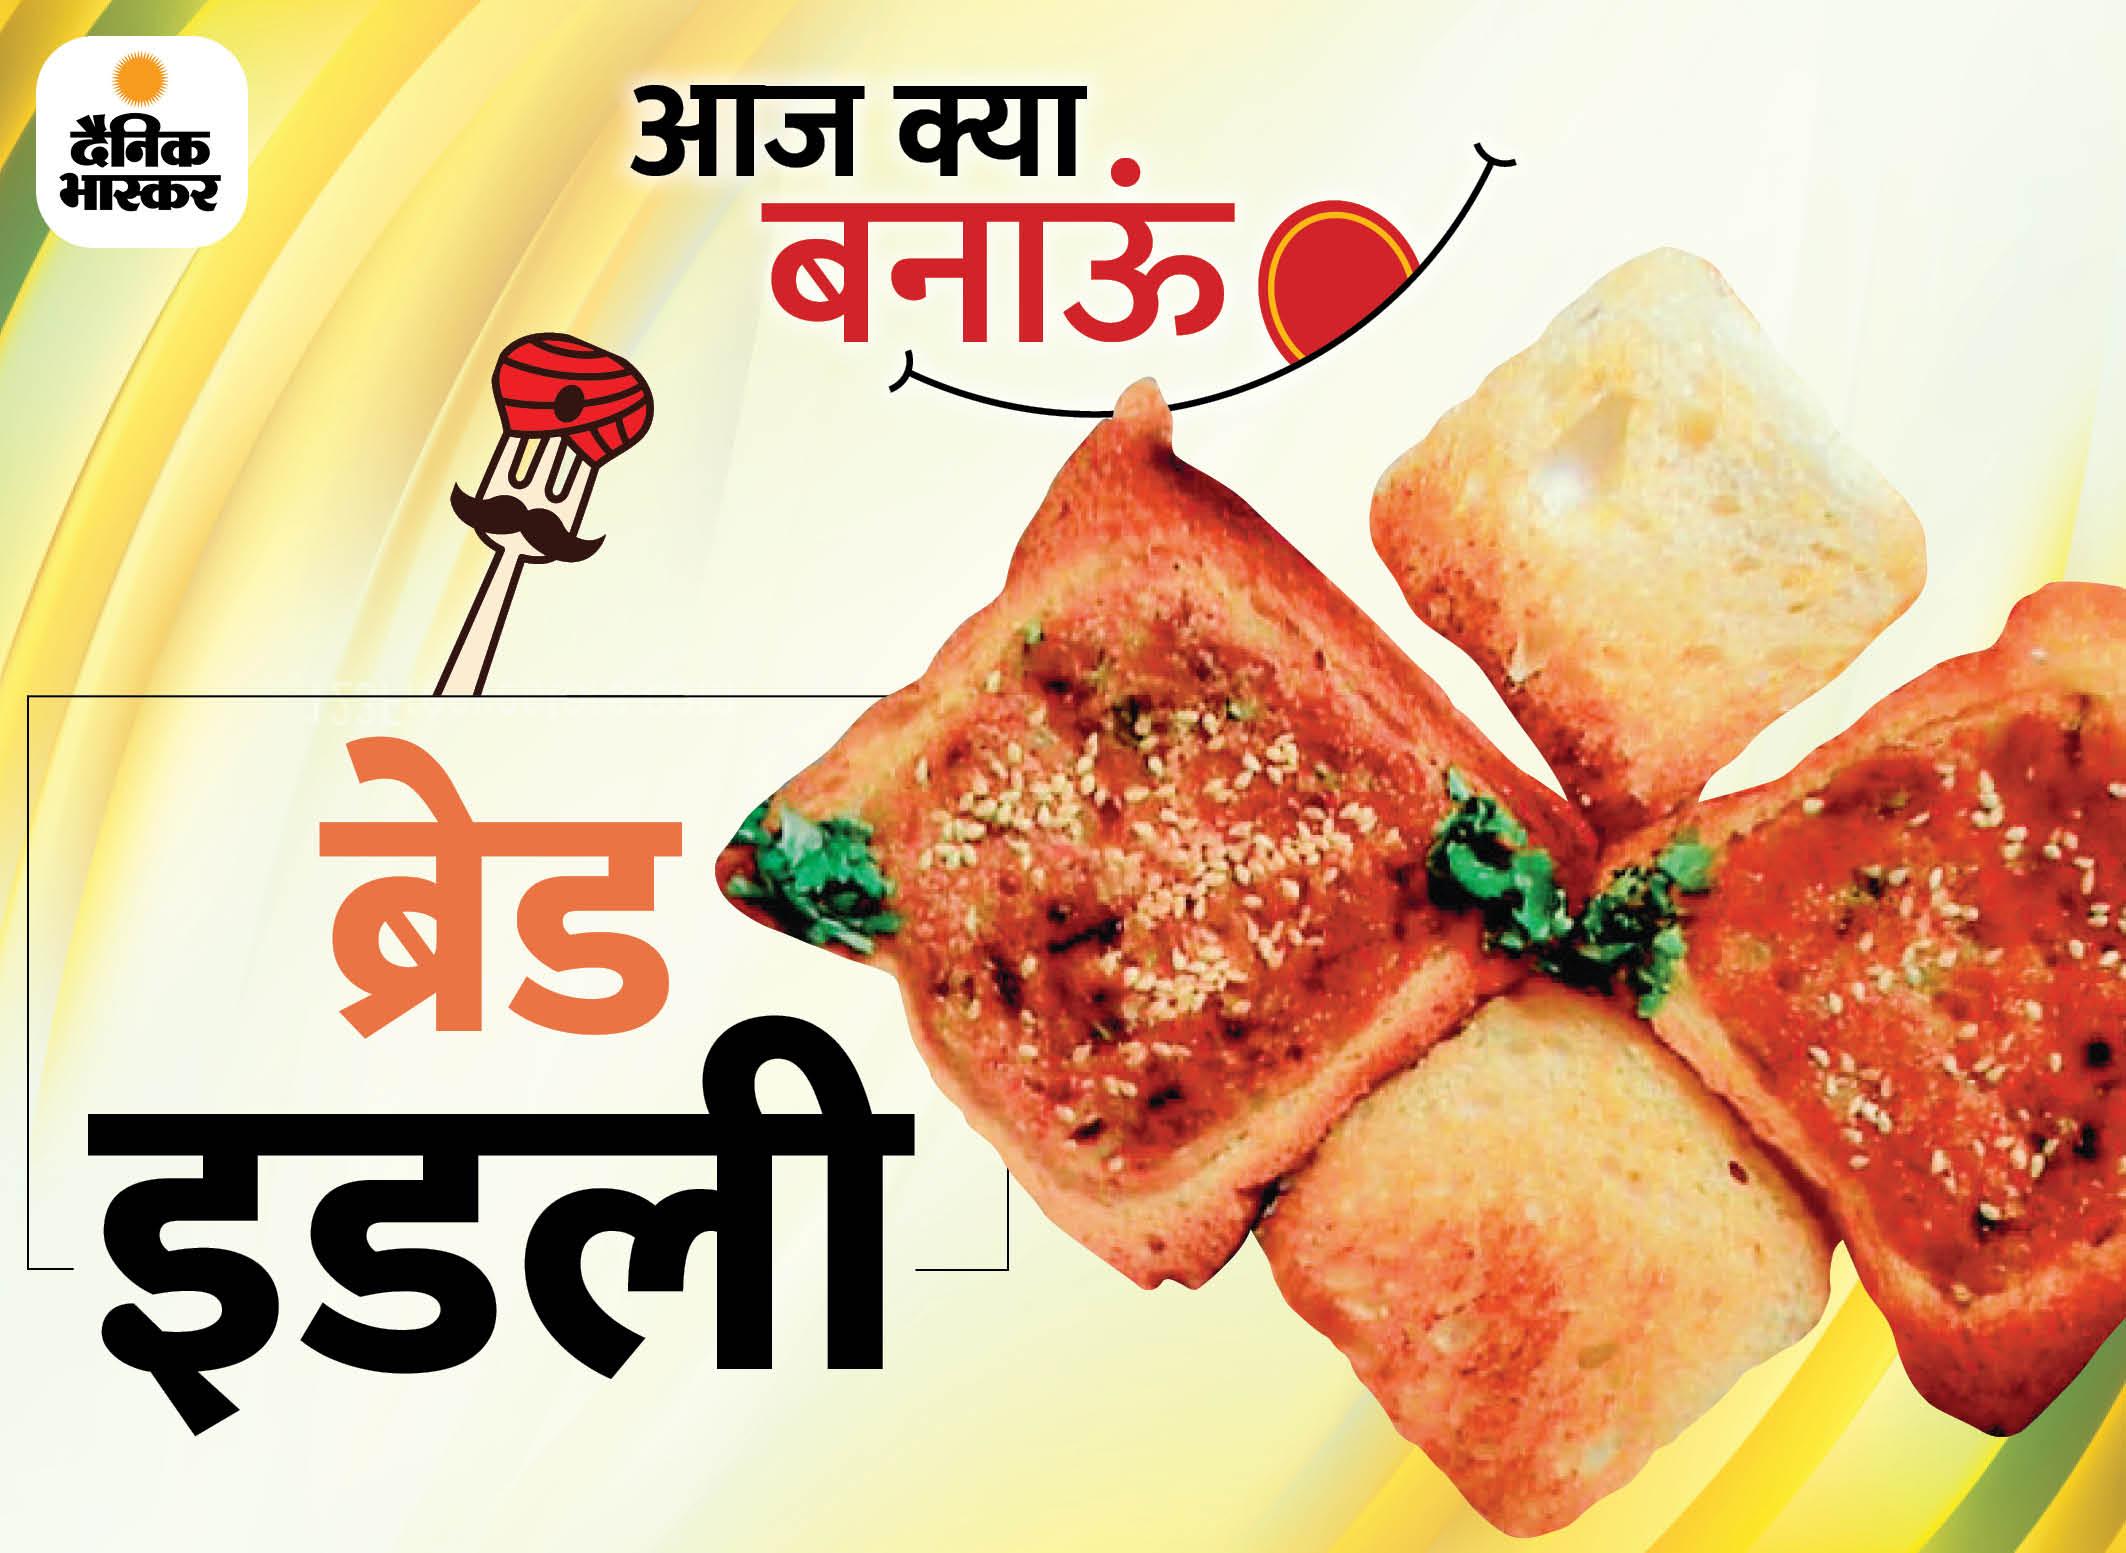 इस तरह बनाएंगे ब्रेड इडली तो स्वाद होगा शानदार, बच्चे भी बार-बार करेंगे इसकी फरमाइश|लाइफस्टाइल,Lifestyle - Dainik Bhaskar